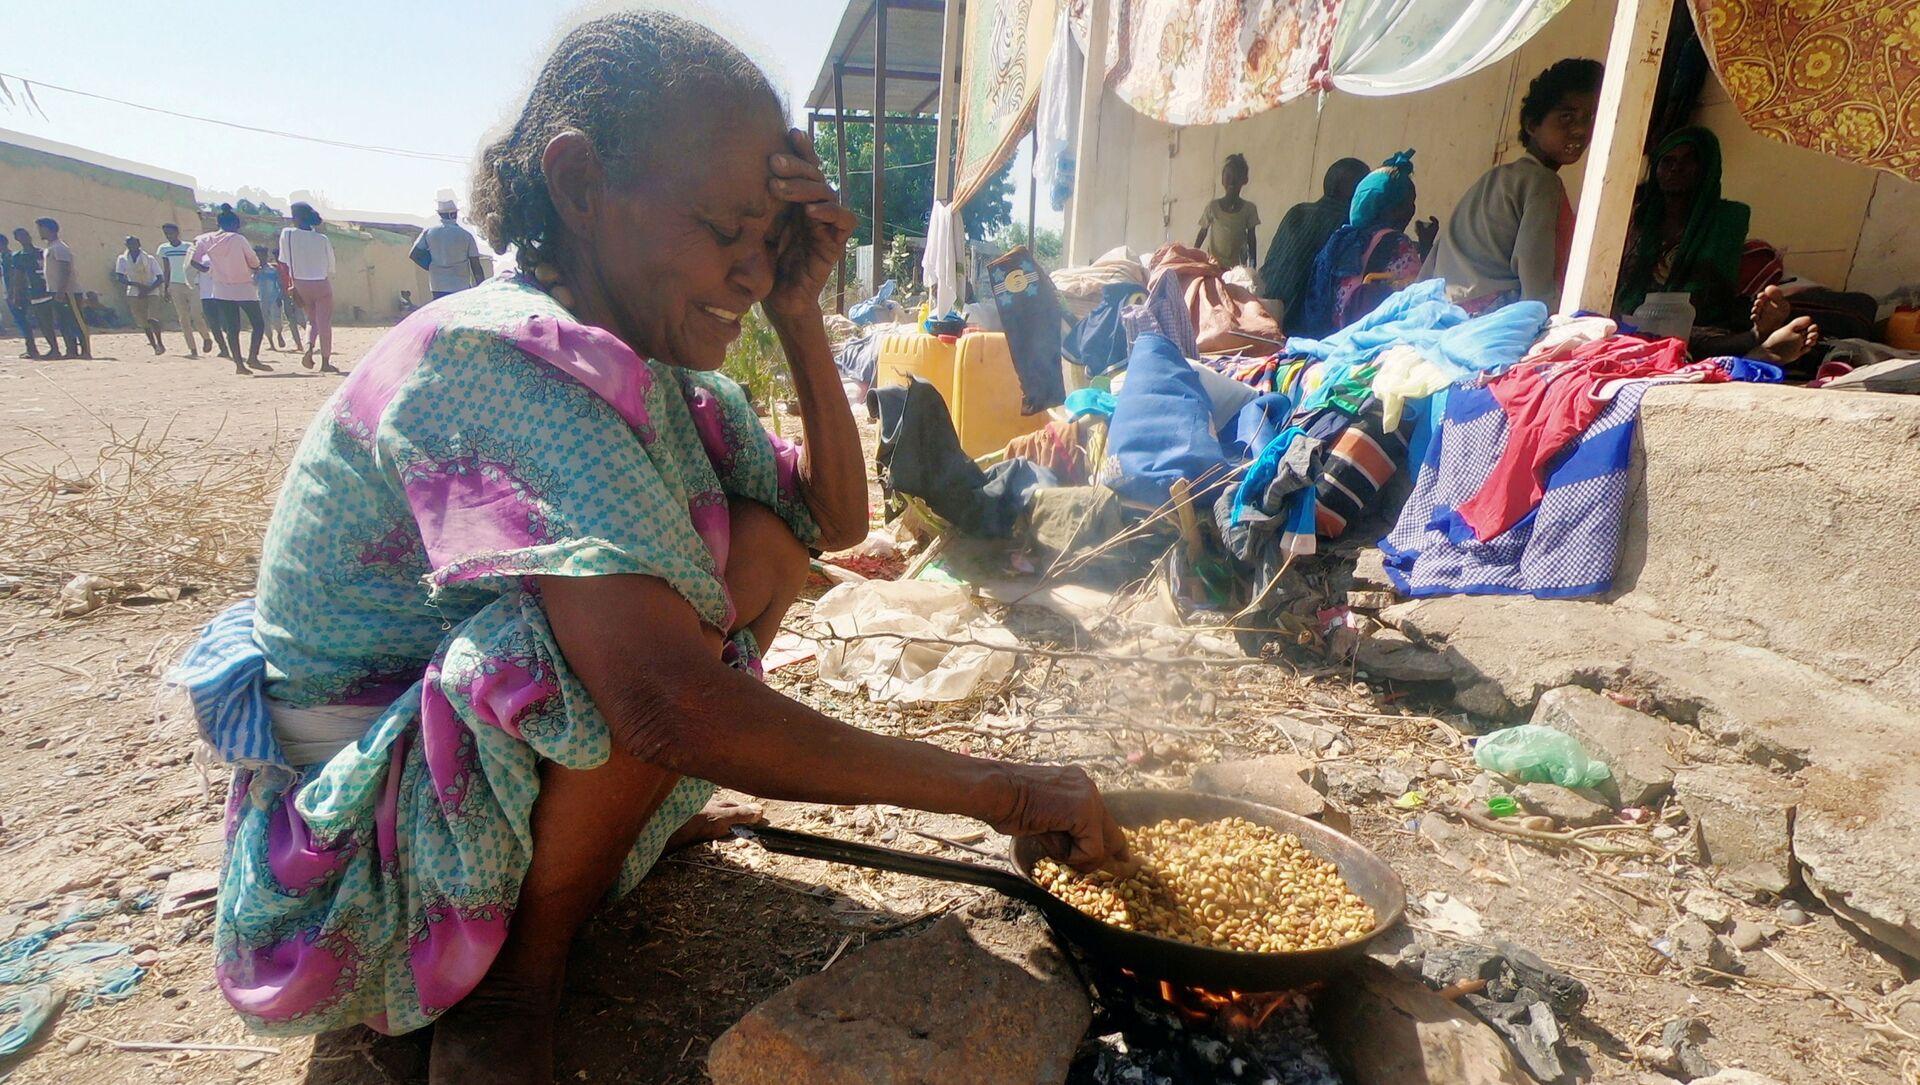 Etiyopya'nın Tigray bölgesindeki çatışmalardan kaçan binlerce kişinin sığındığı Sudan'ın Hamdait köyünde yemek pişirmeye çalışan sığınmacı bir kadın - Sputnik Türkiye, 1920, 28.07.2021